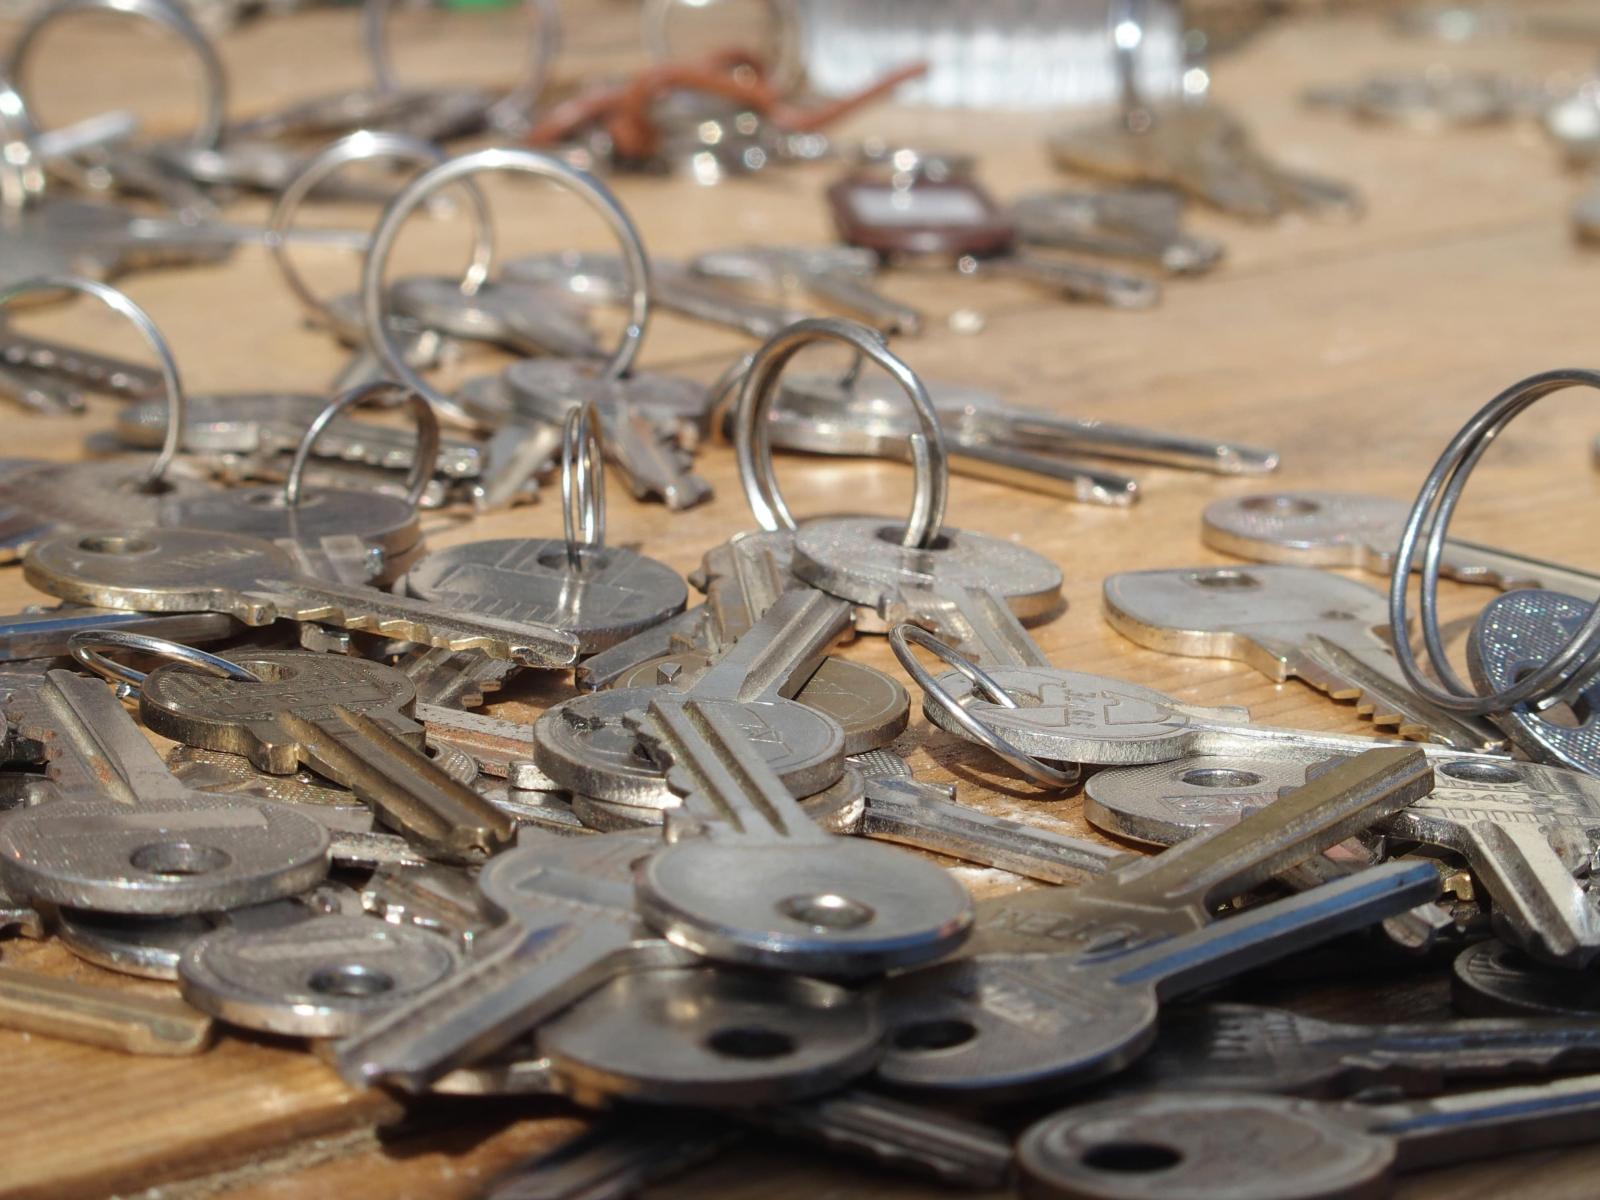 Grand jeu organisé pour associer les clés et les serrures du Campus